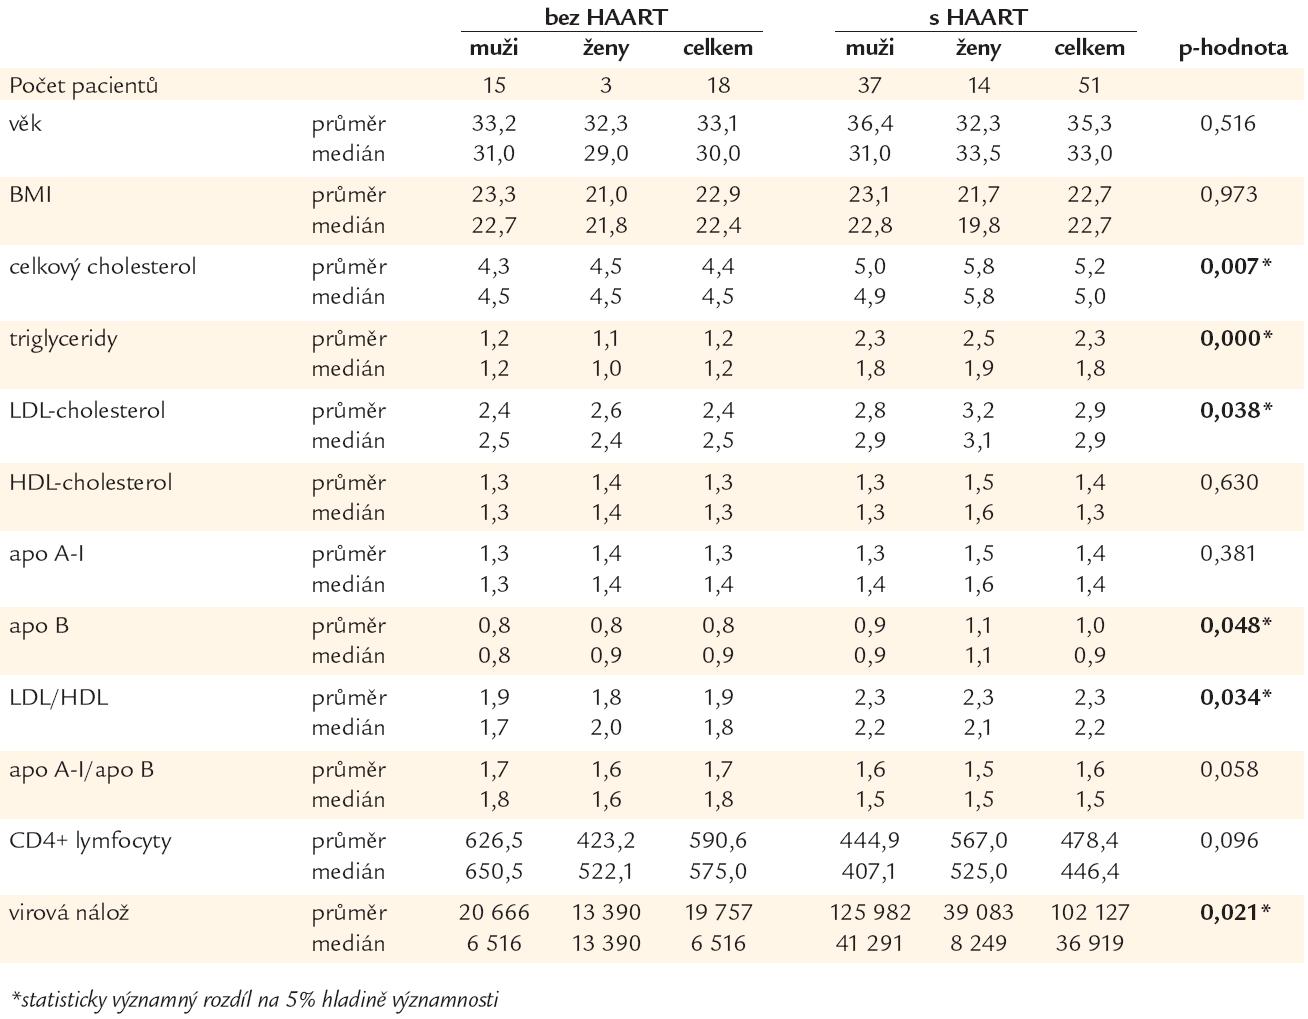 Hodnoty parametrů lipidového metabolizmu u pacientů bez vysoce aktivní antiretrovirové terapie (HAART) a s HAART.